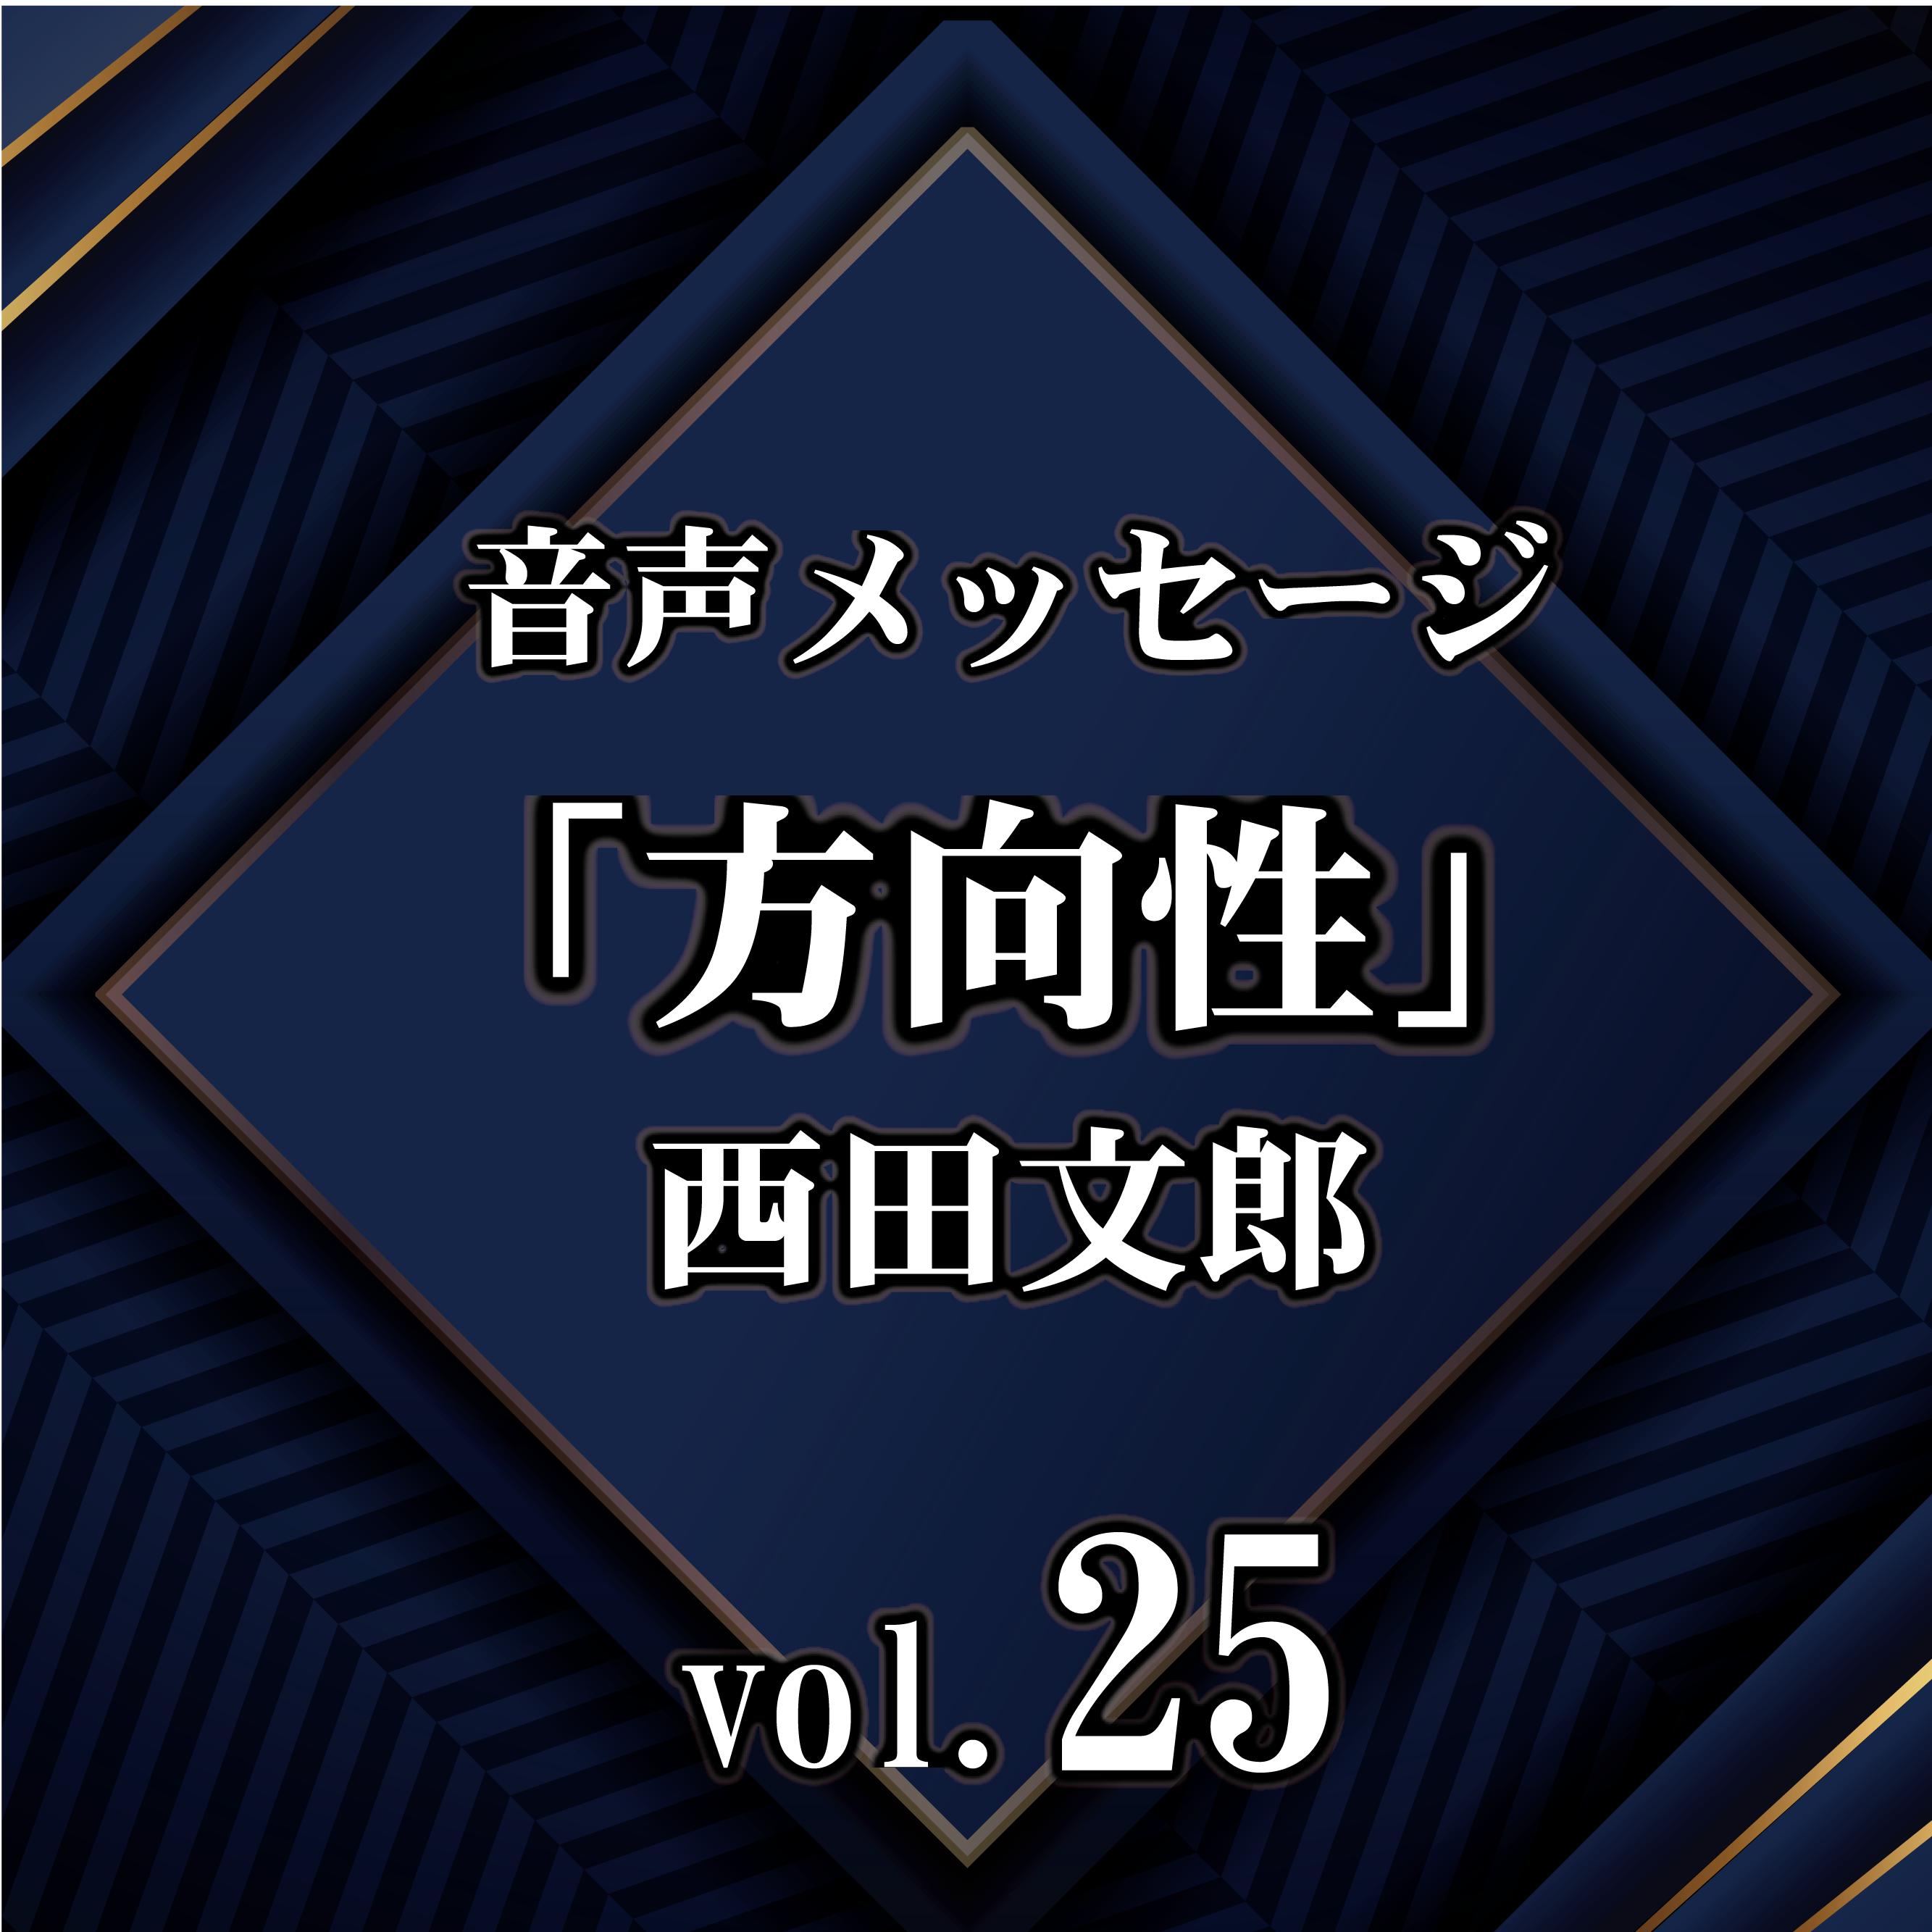 西田文郎 音声メッセージvol.25『方向性』